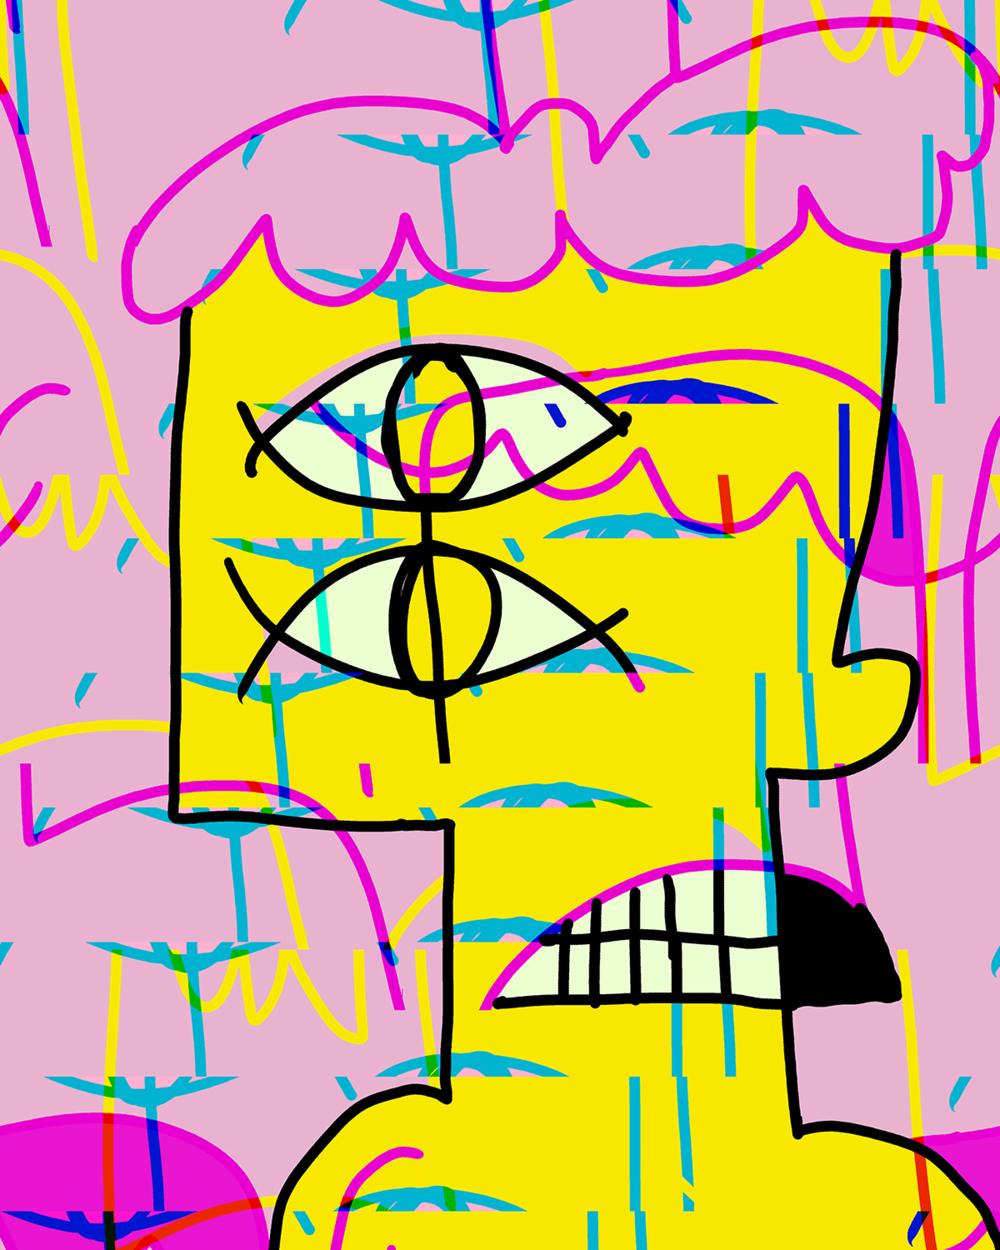 """""""Scratch 333 (glitched 11p7223625)"""" by Matt Vaillette"""